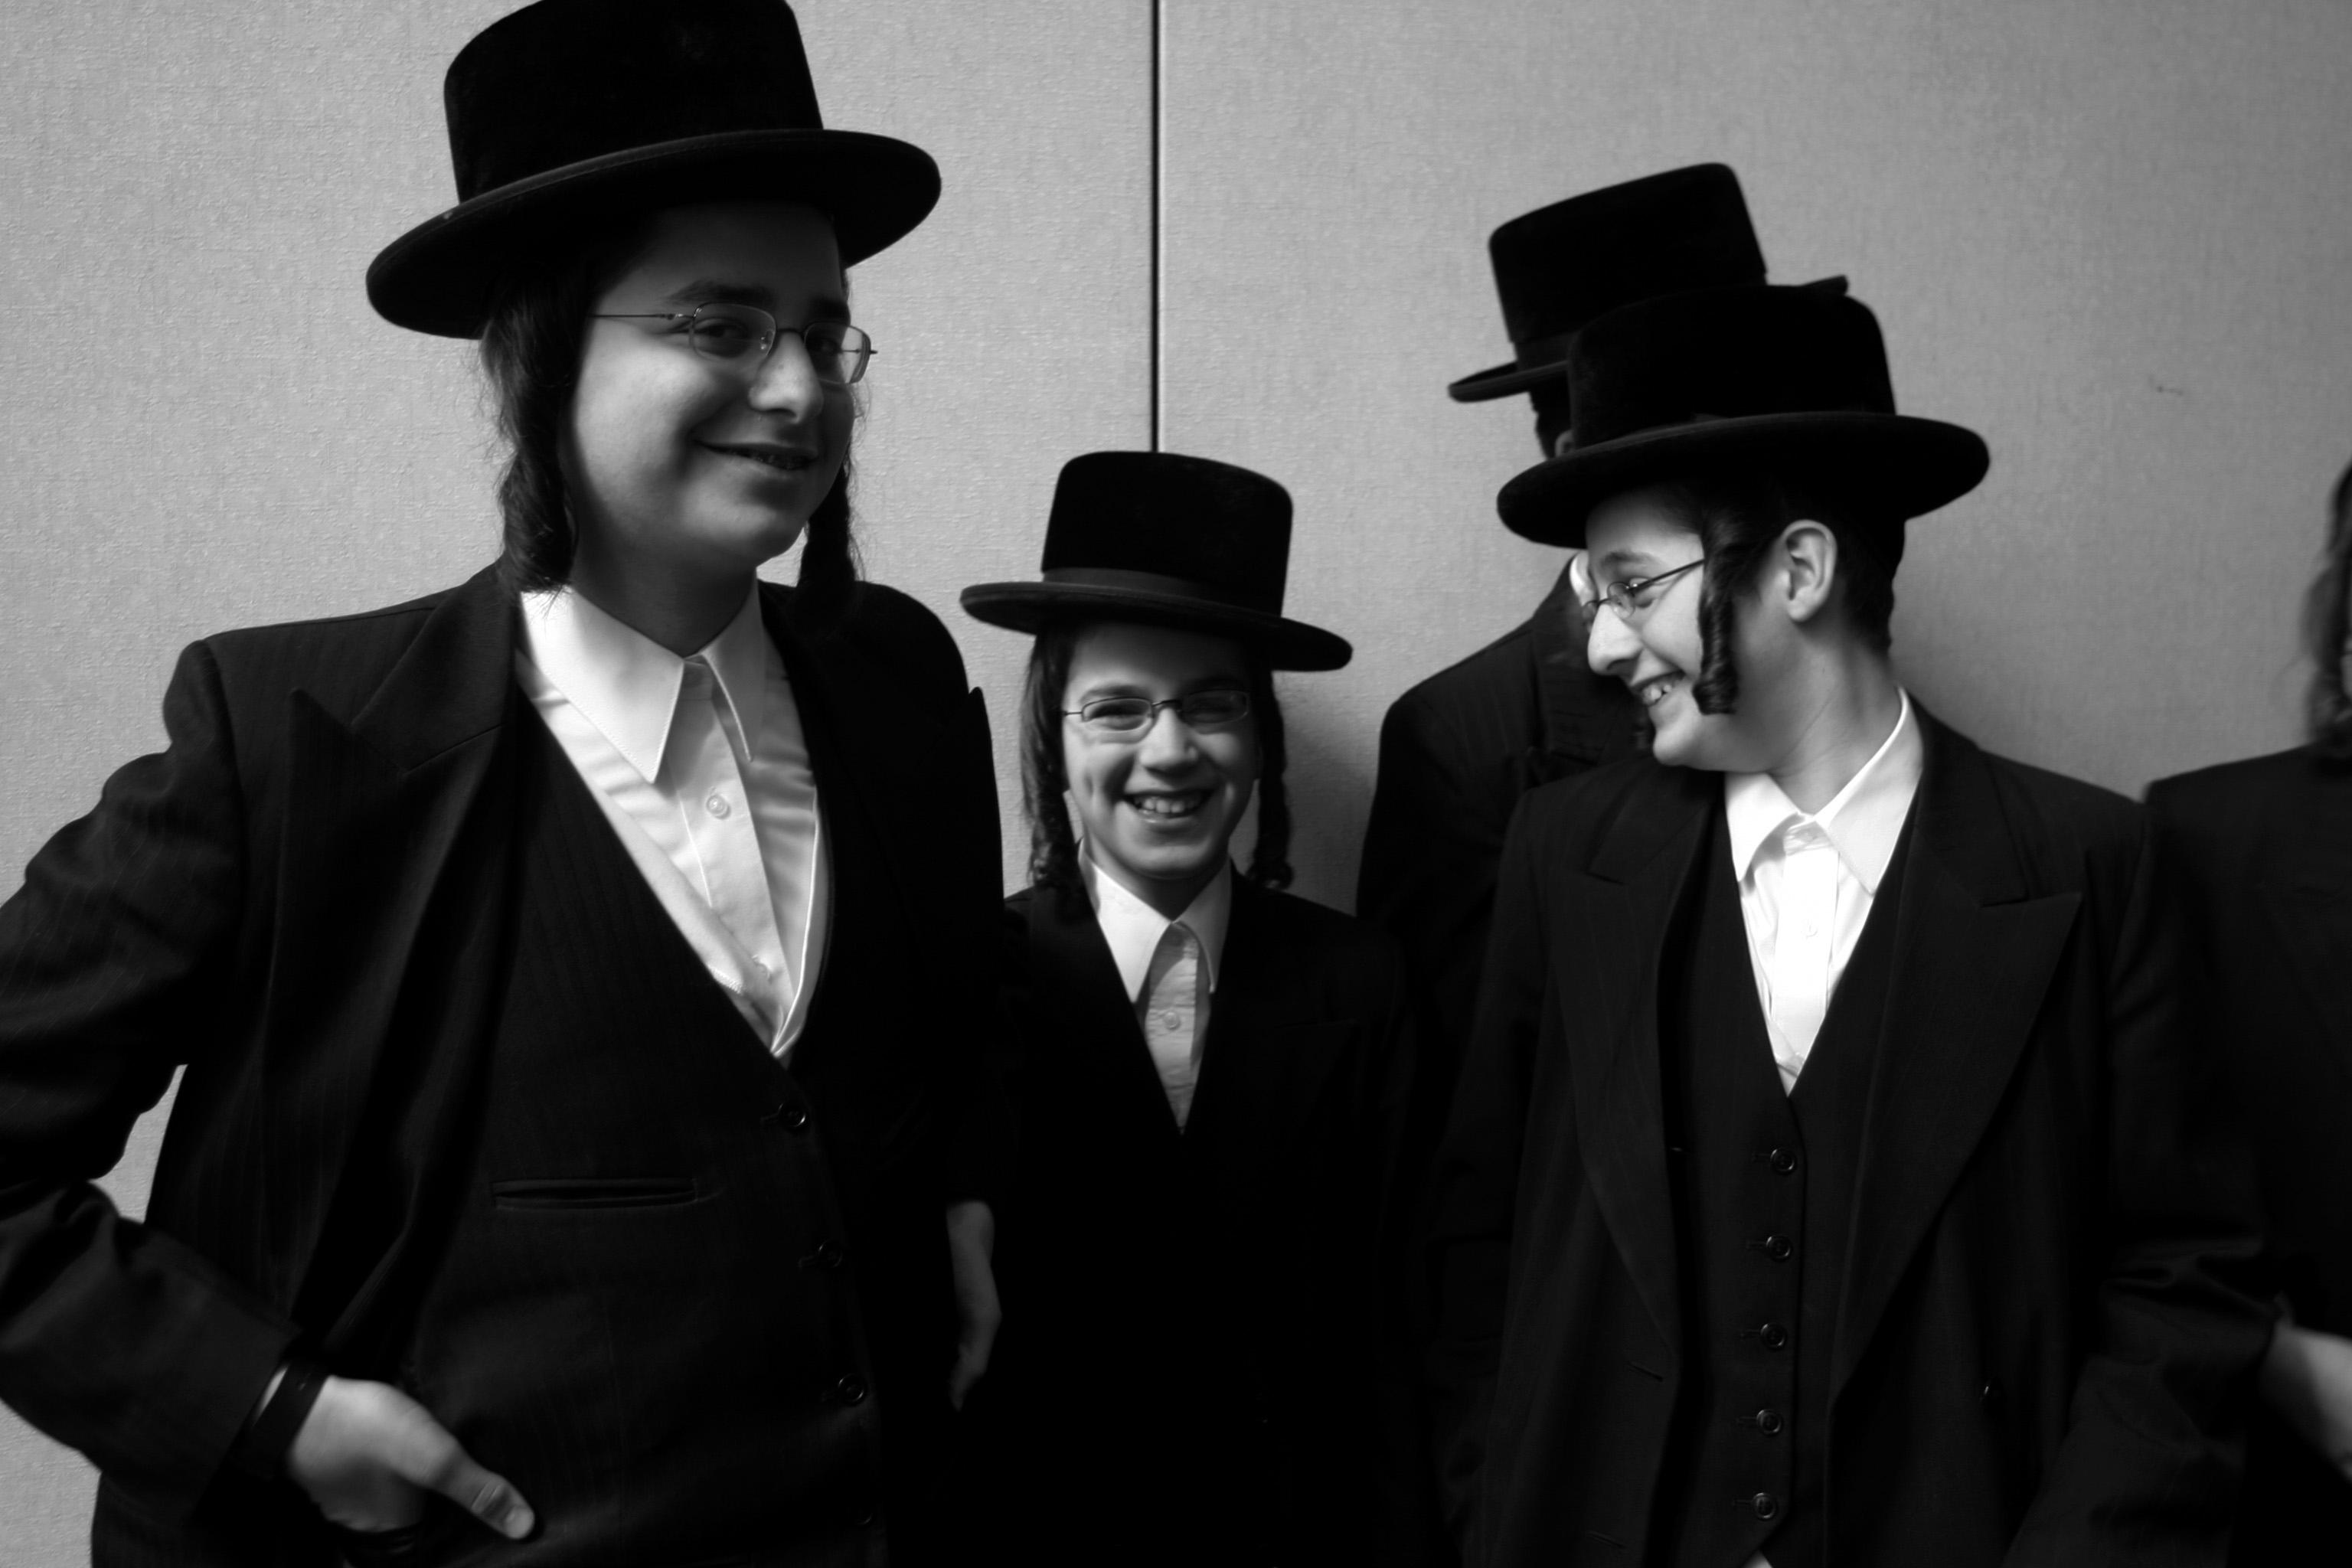 Эти русские фамилии на самом деле еврейские, но об этом никто даже не догадывается фото